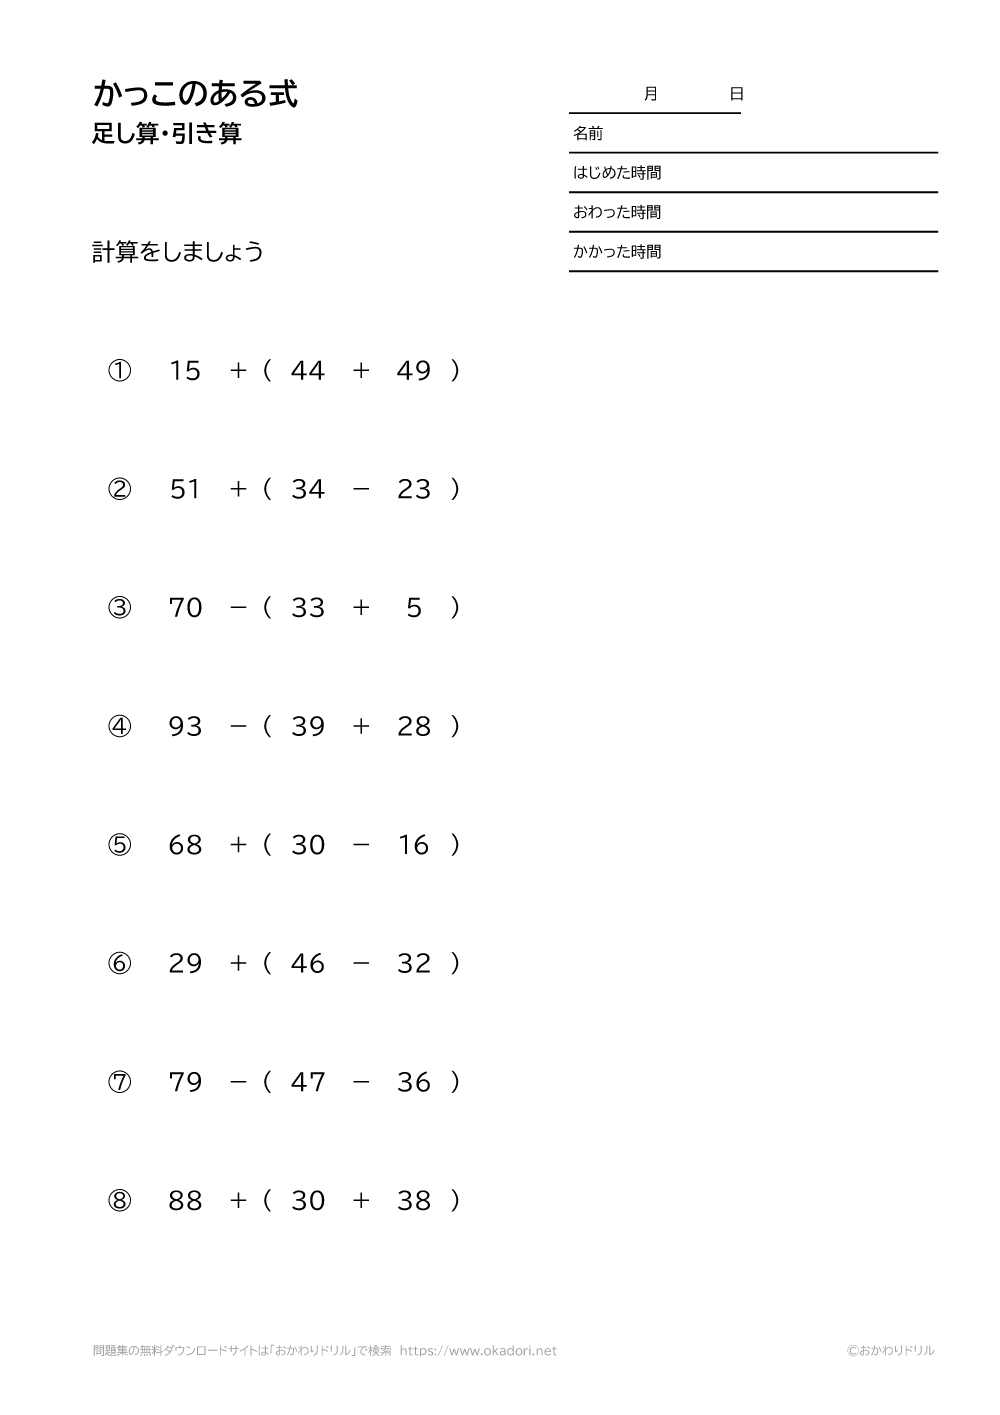 かっこのある式-足し算・引き算-6